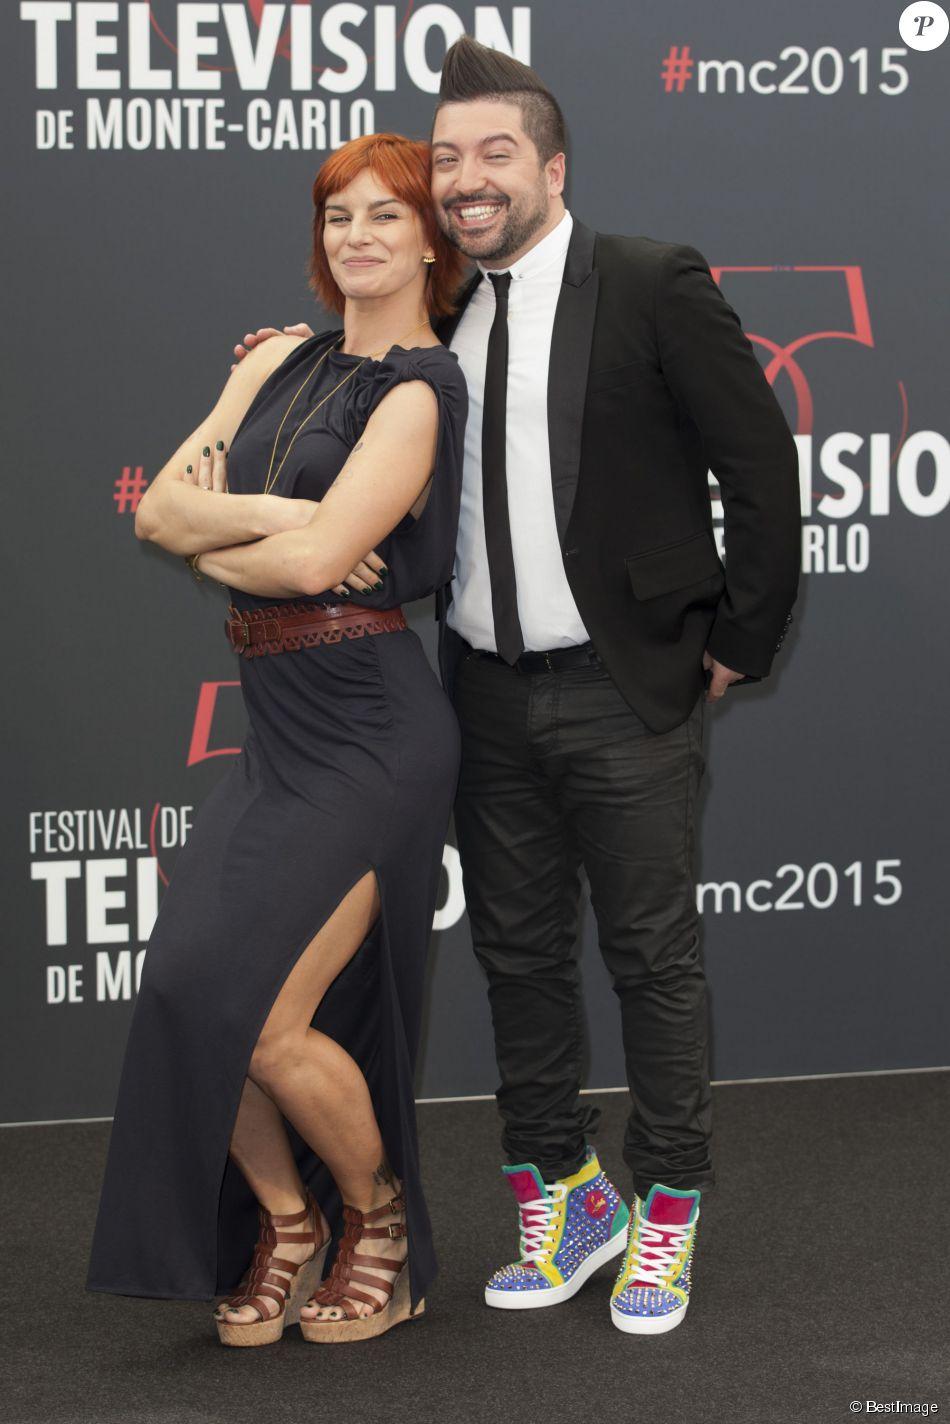 Fauve Hautot Et Son Bebe : fauve, hautot, Fauve, Hautot,, Chris, Marques, Photocall, Danse, Stars, Festival, Télévision, Monte-Carlo, Monaco., 2015., Purepeople